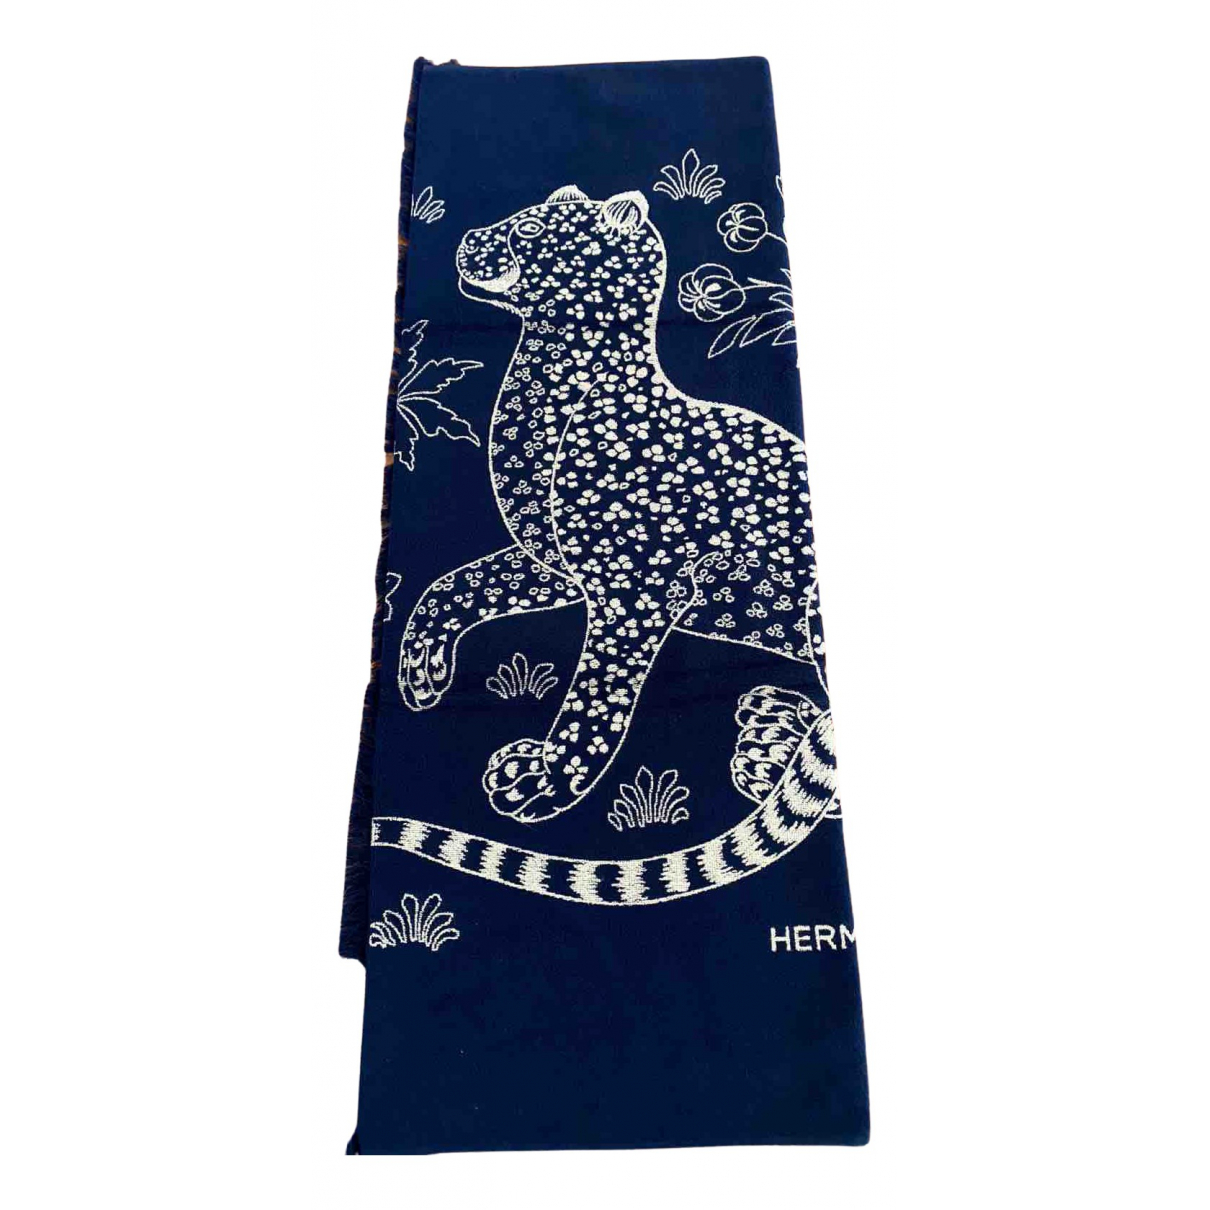 Hermes - Linge de maison Les Leopards pour lifestyle en coton - multicolore